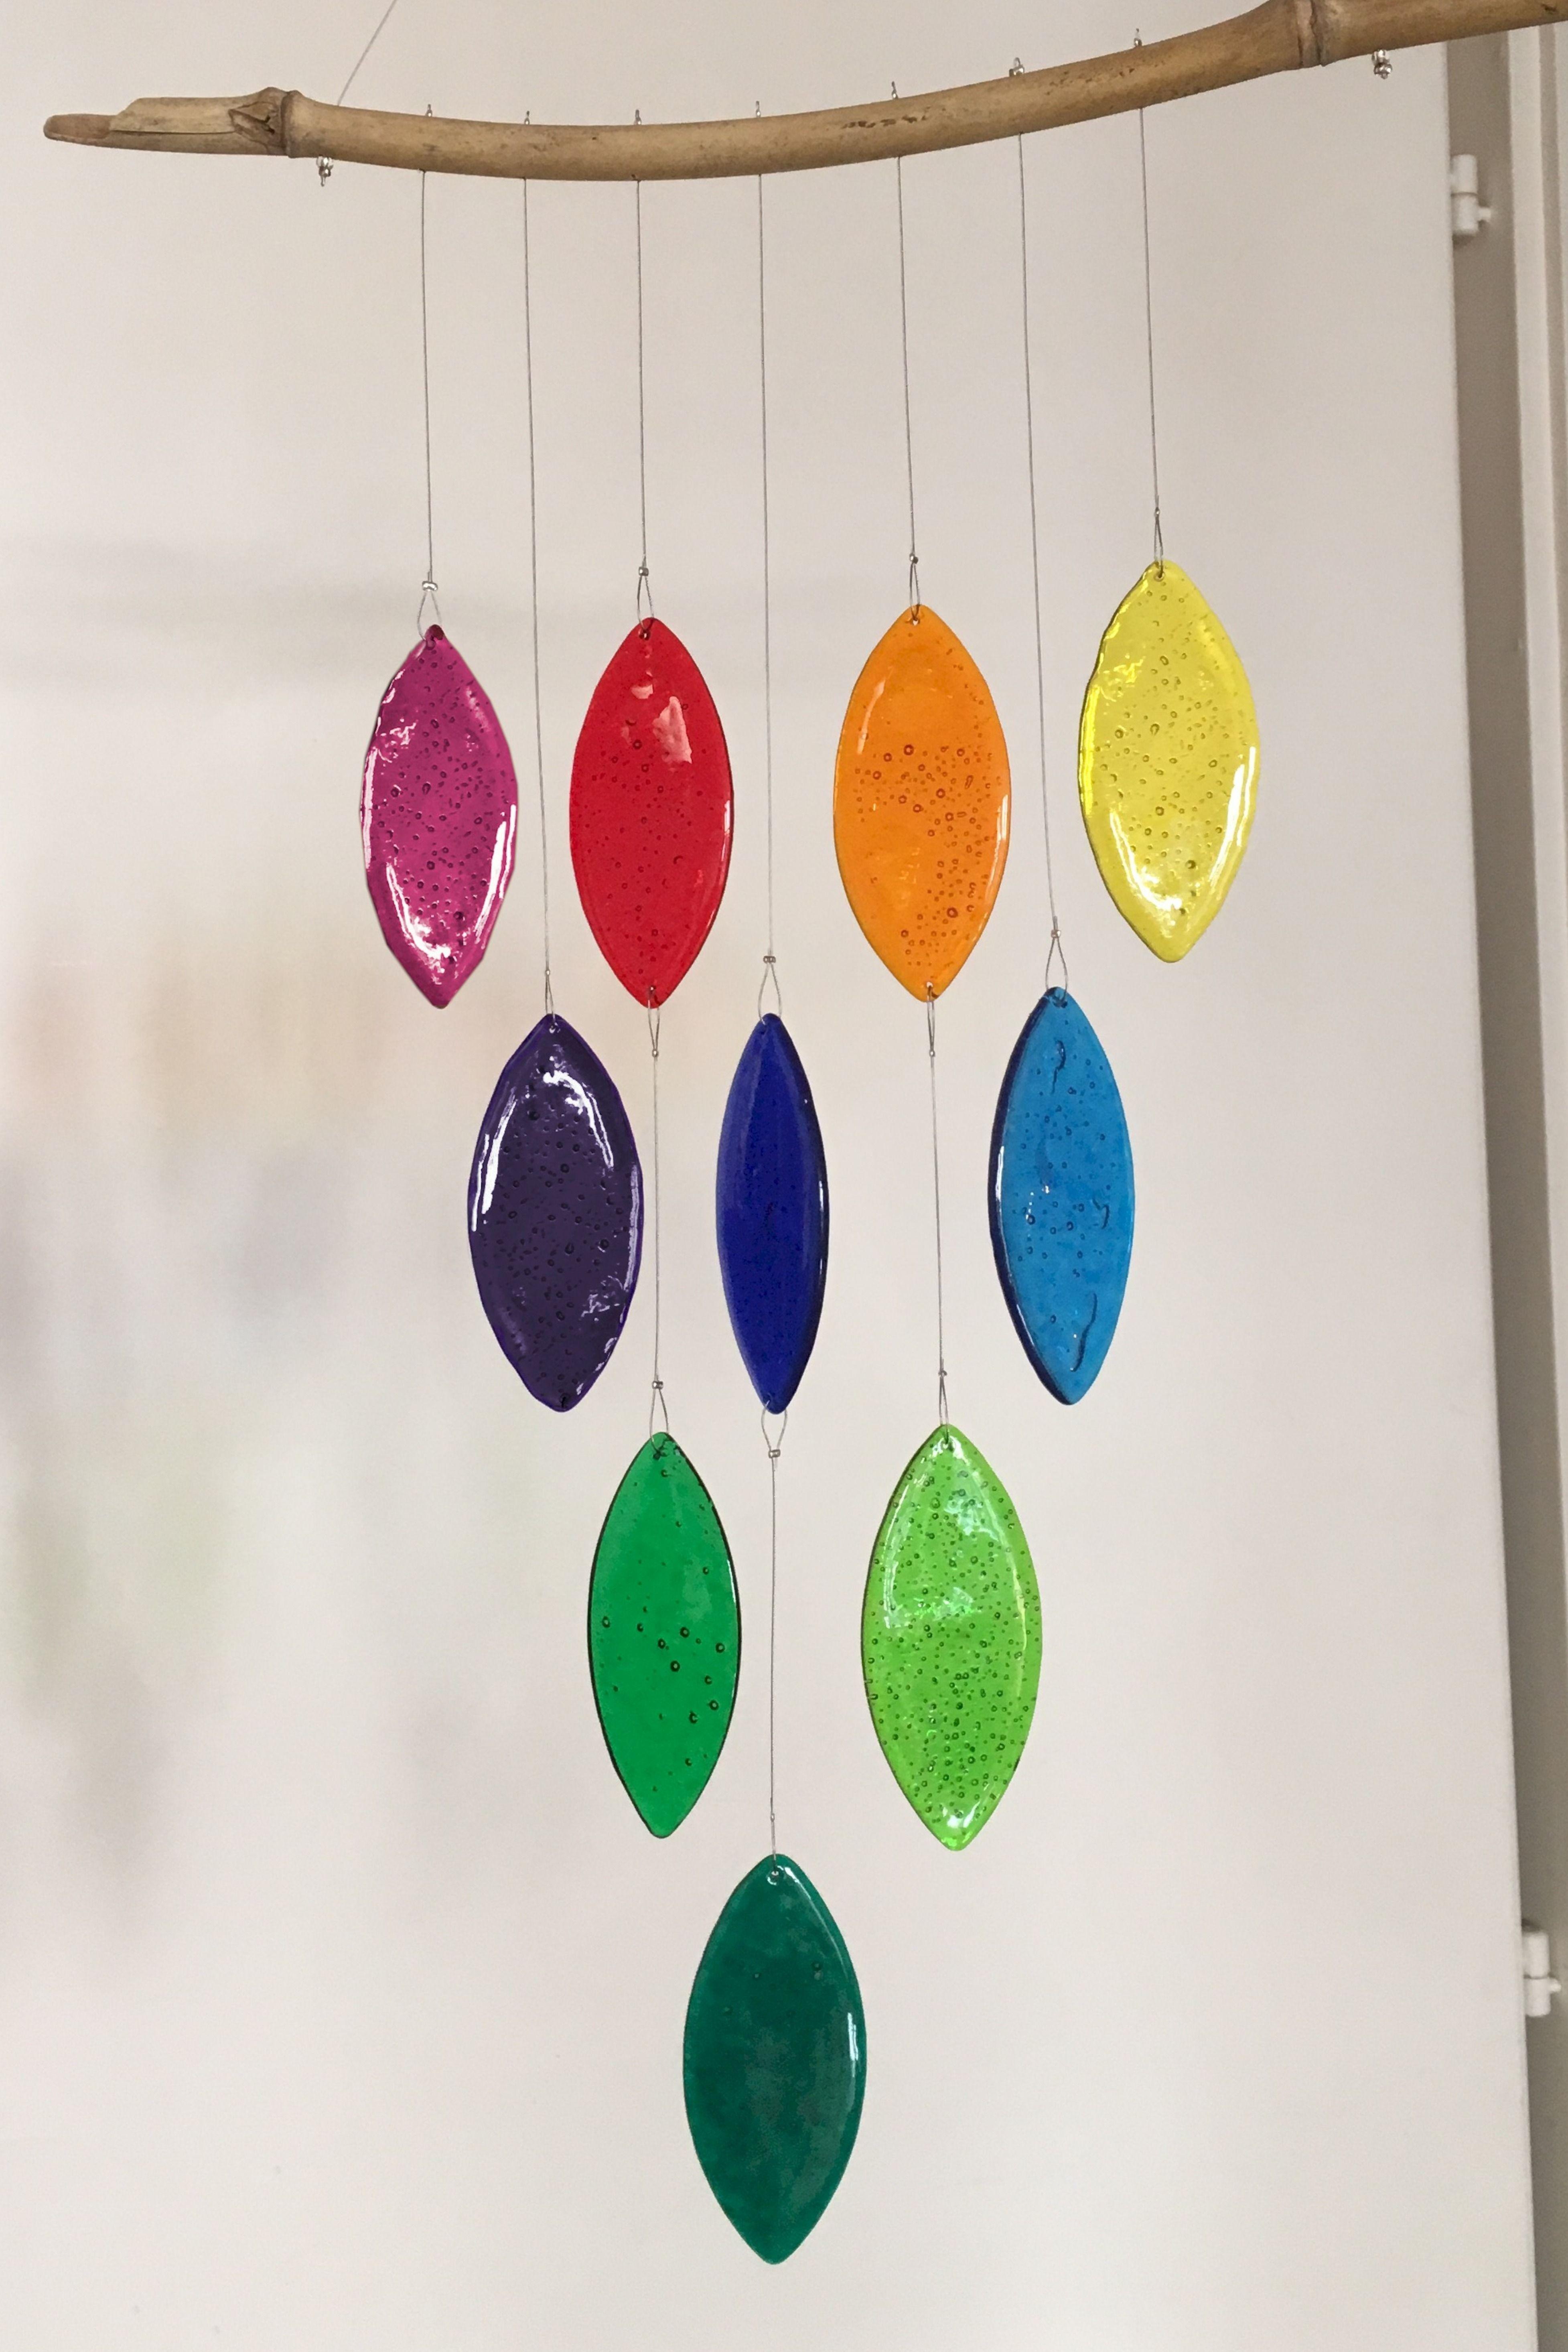 garten oder wanddekoration aus polystyrol brillante transluzente farben an einem bambusstab chime out of polysyr dekoration aussendekoration metall schwarz wohnzimmer